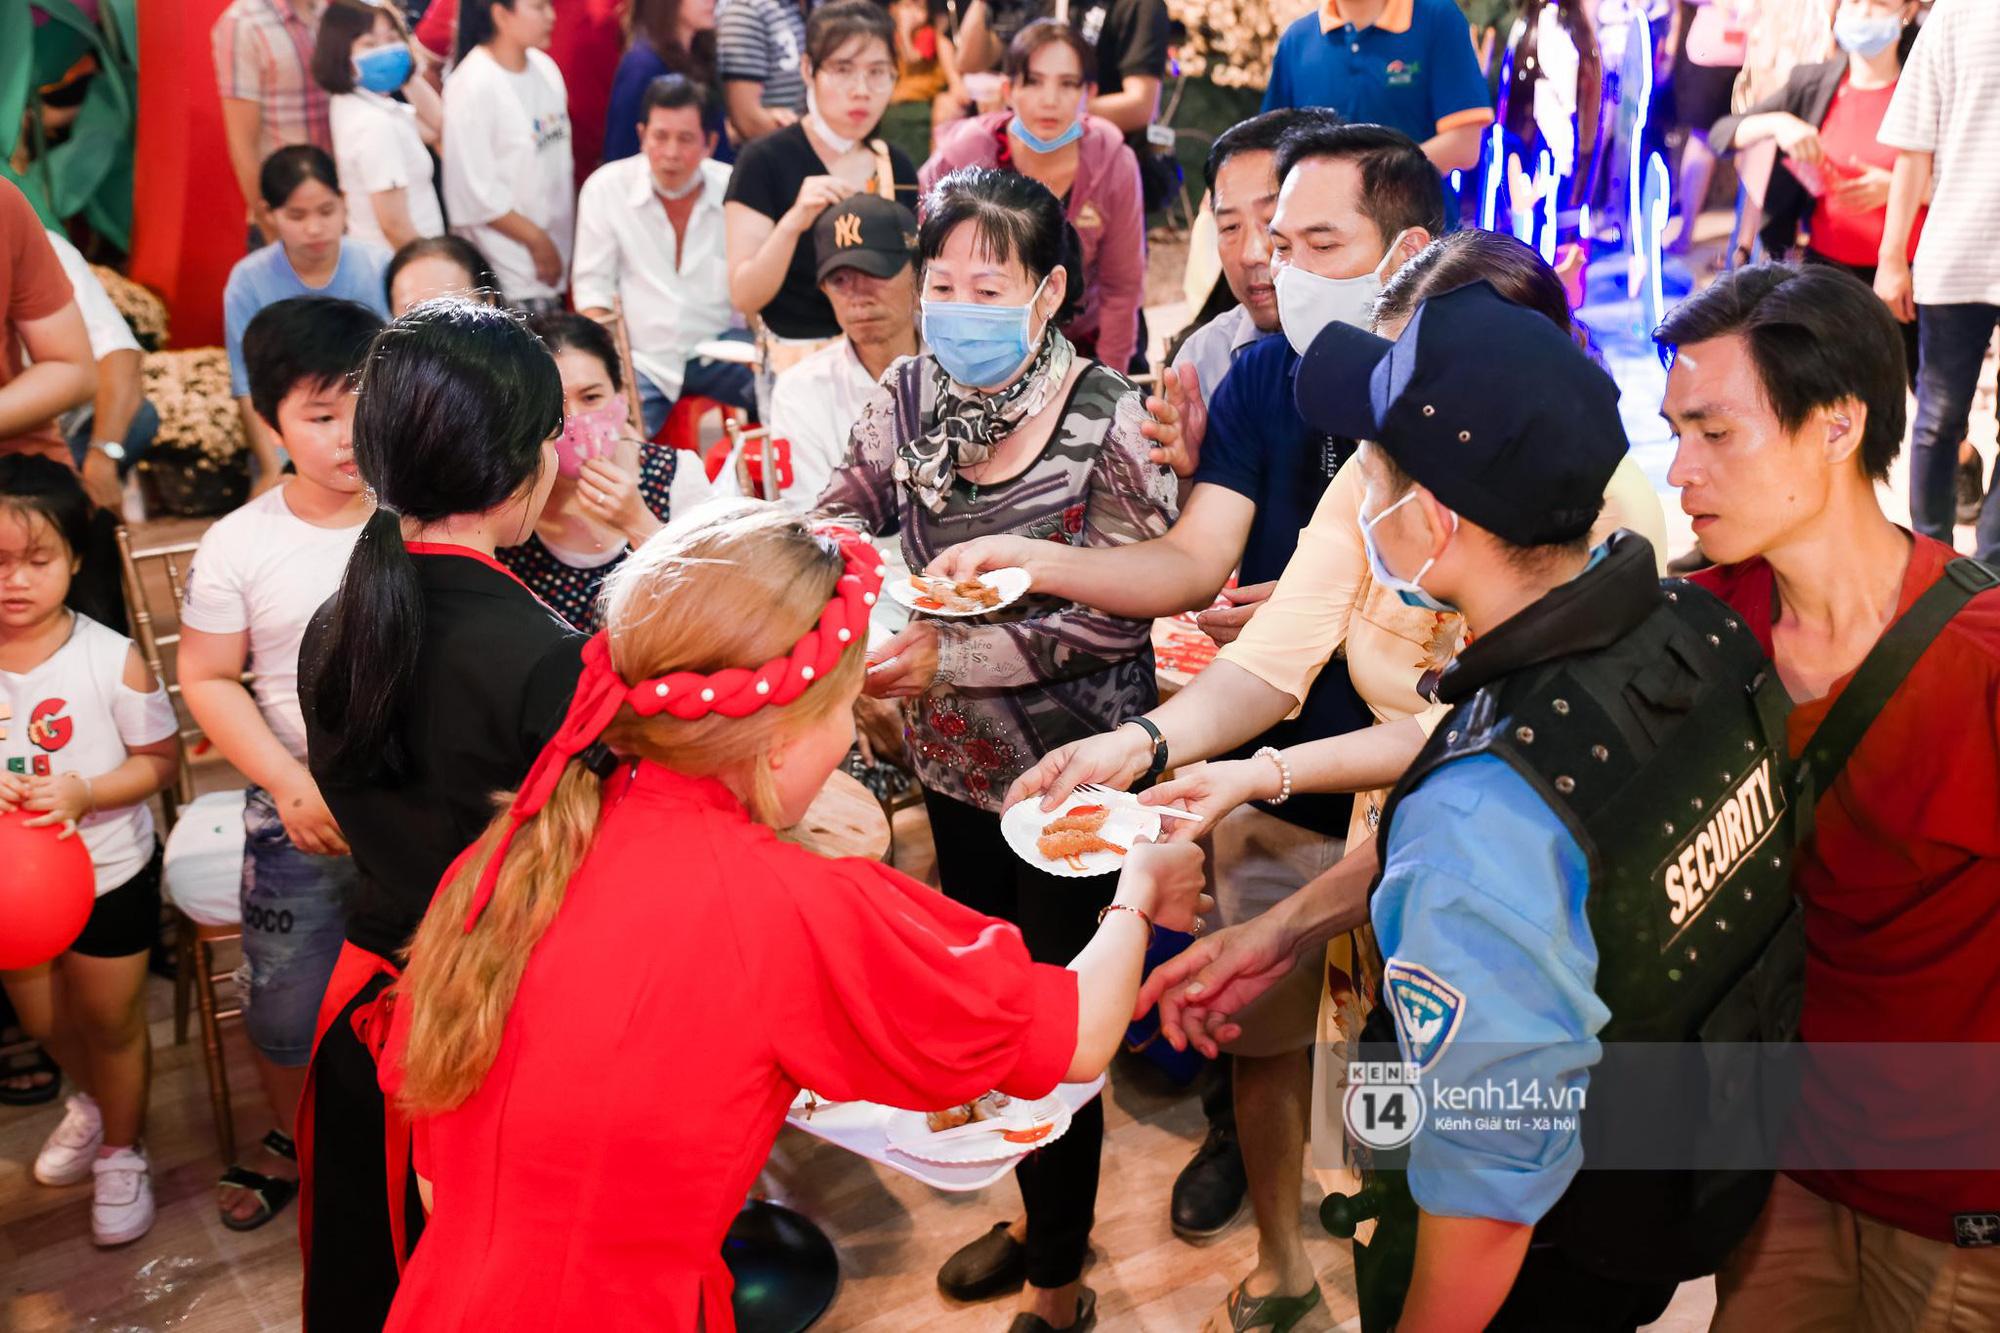 Fan Hòa Minzy bơi hết vào đây, xem idol đột kích Lễ hội Tết Việt và ngàn trải nghiệm wow chưa từng có! - Ảnh 9.